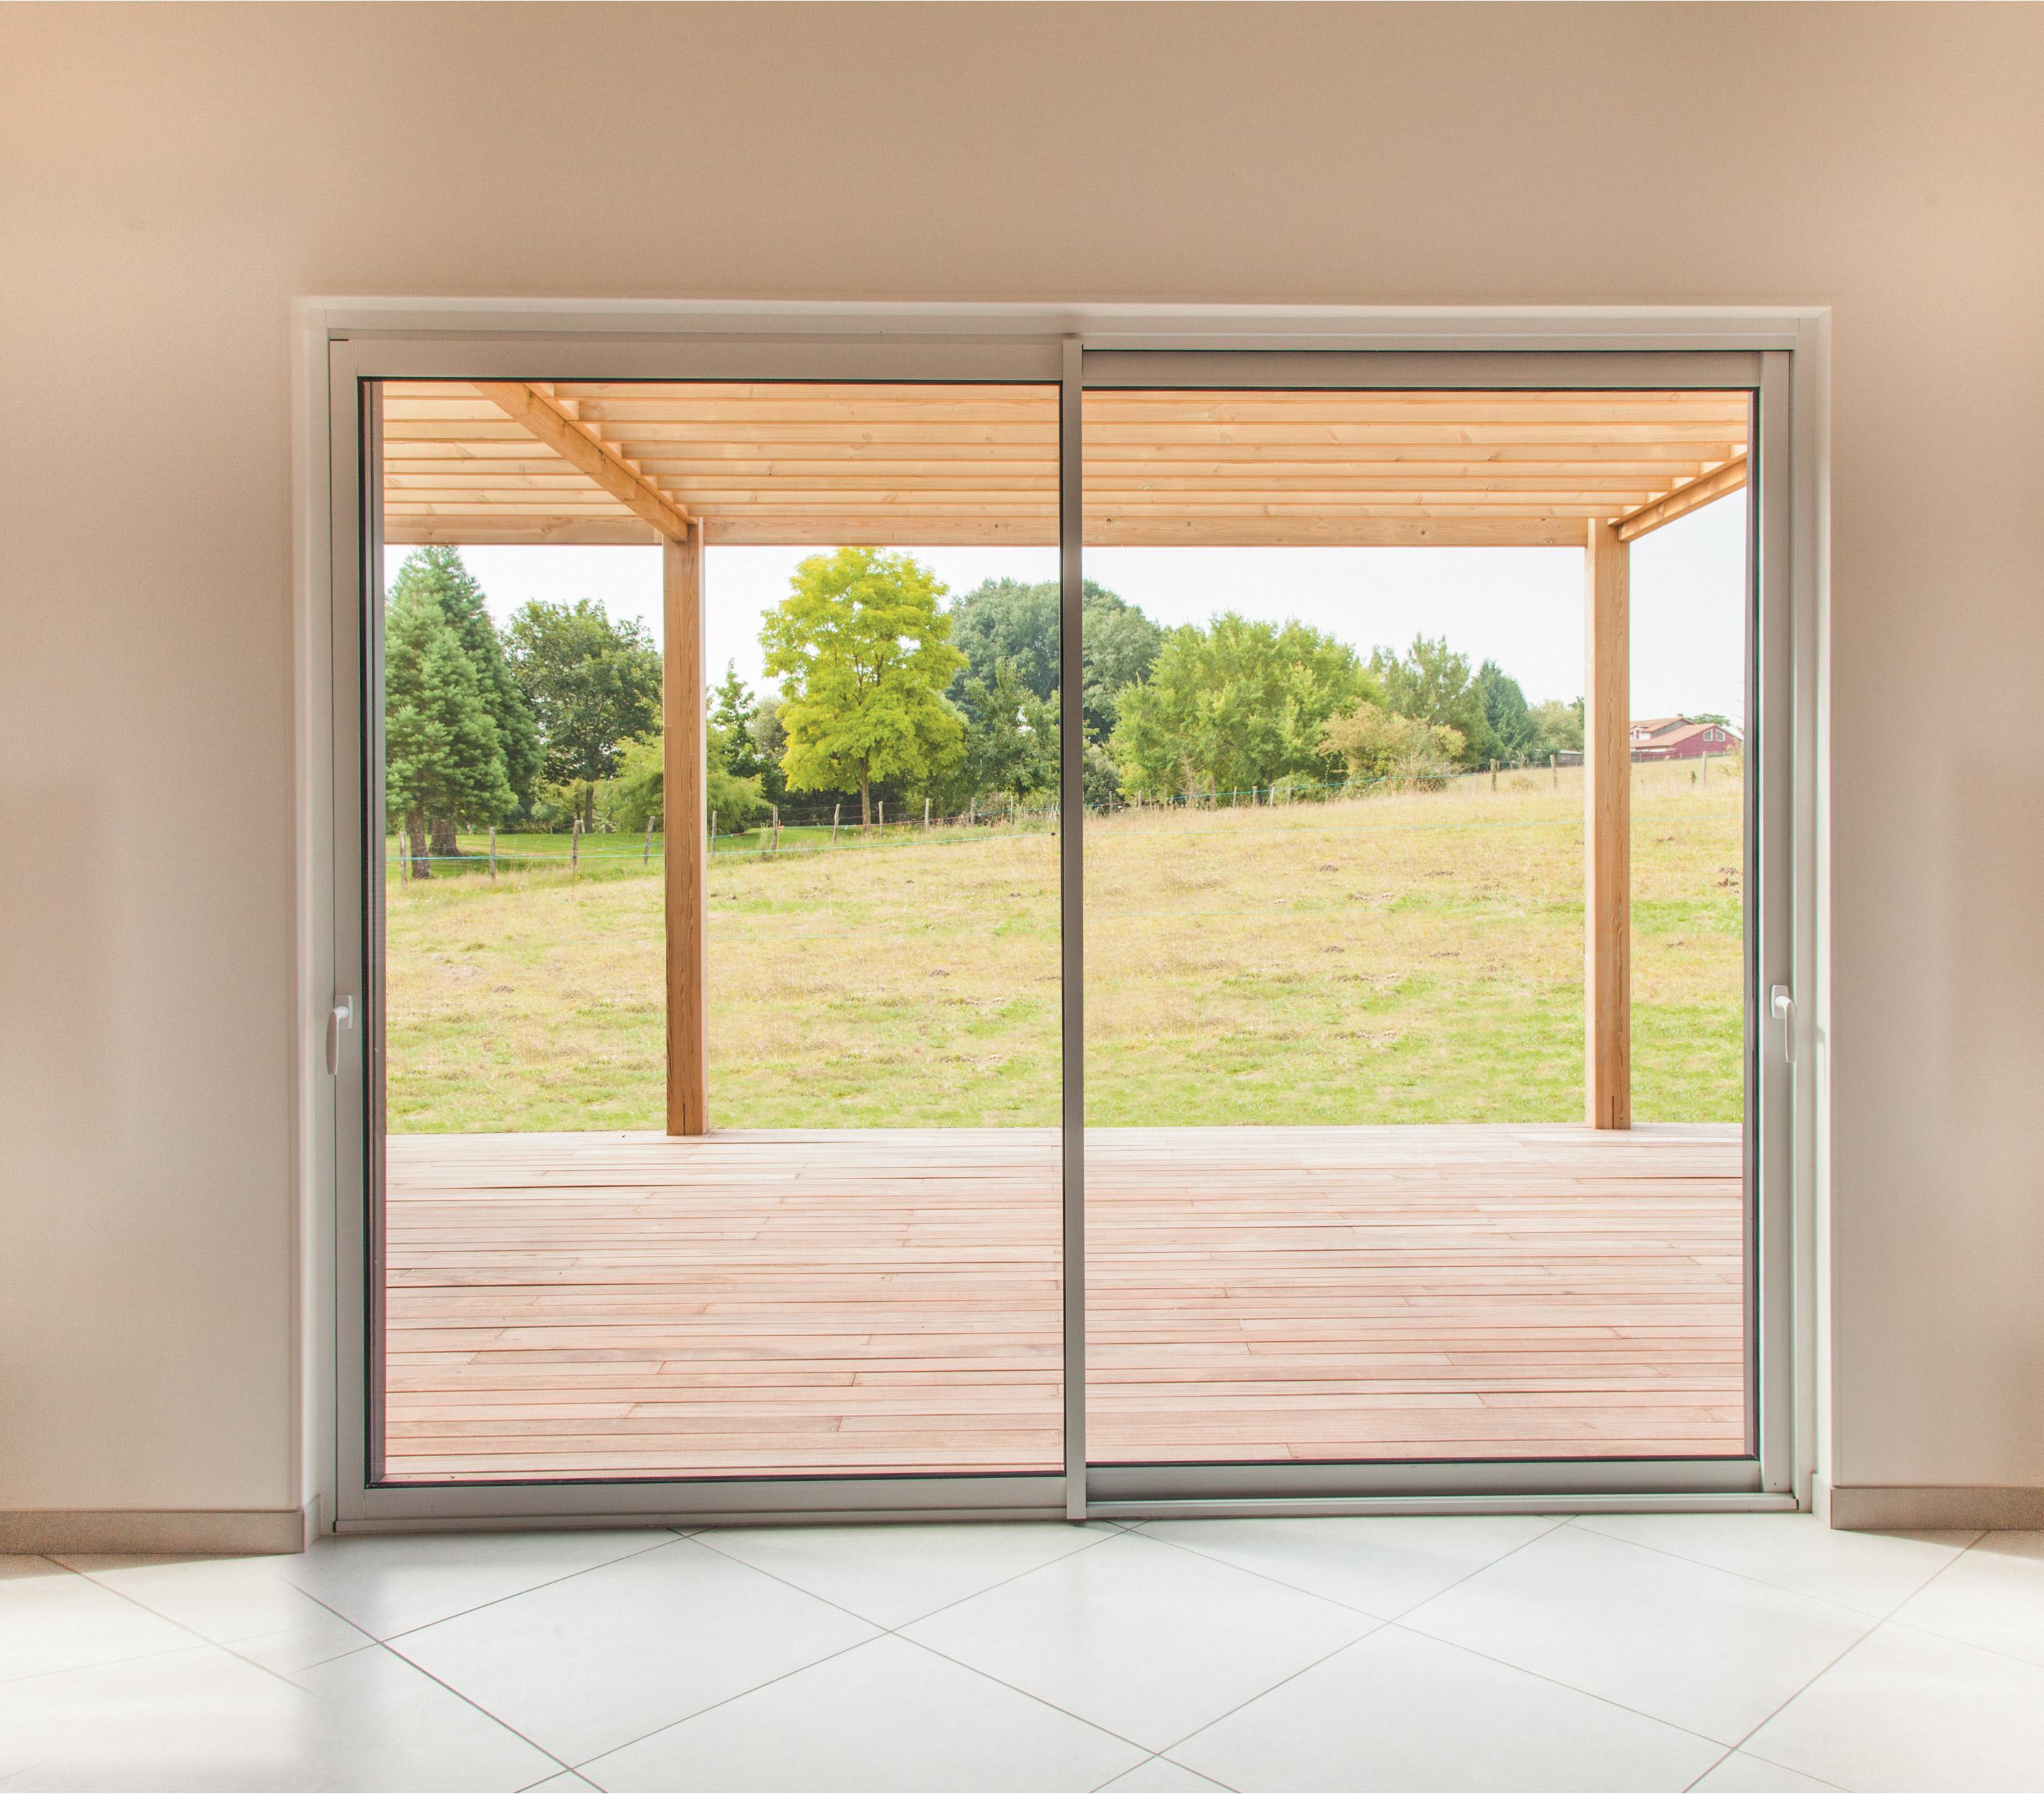 Rideaux Baie Vitrée Coulissante baie vitrée aluminium blanc brico premium h.200 x l.240 cm